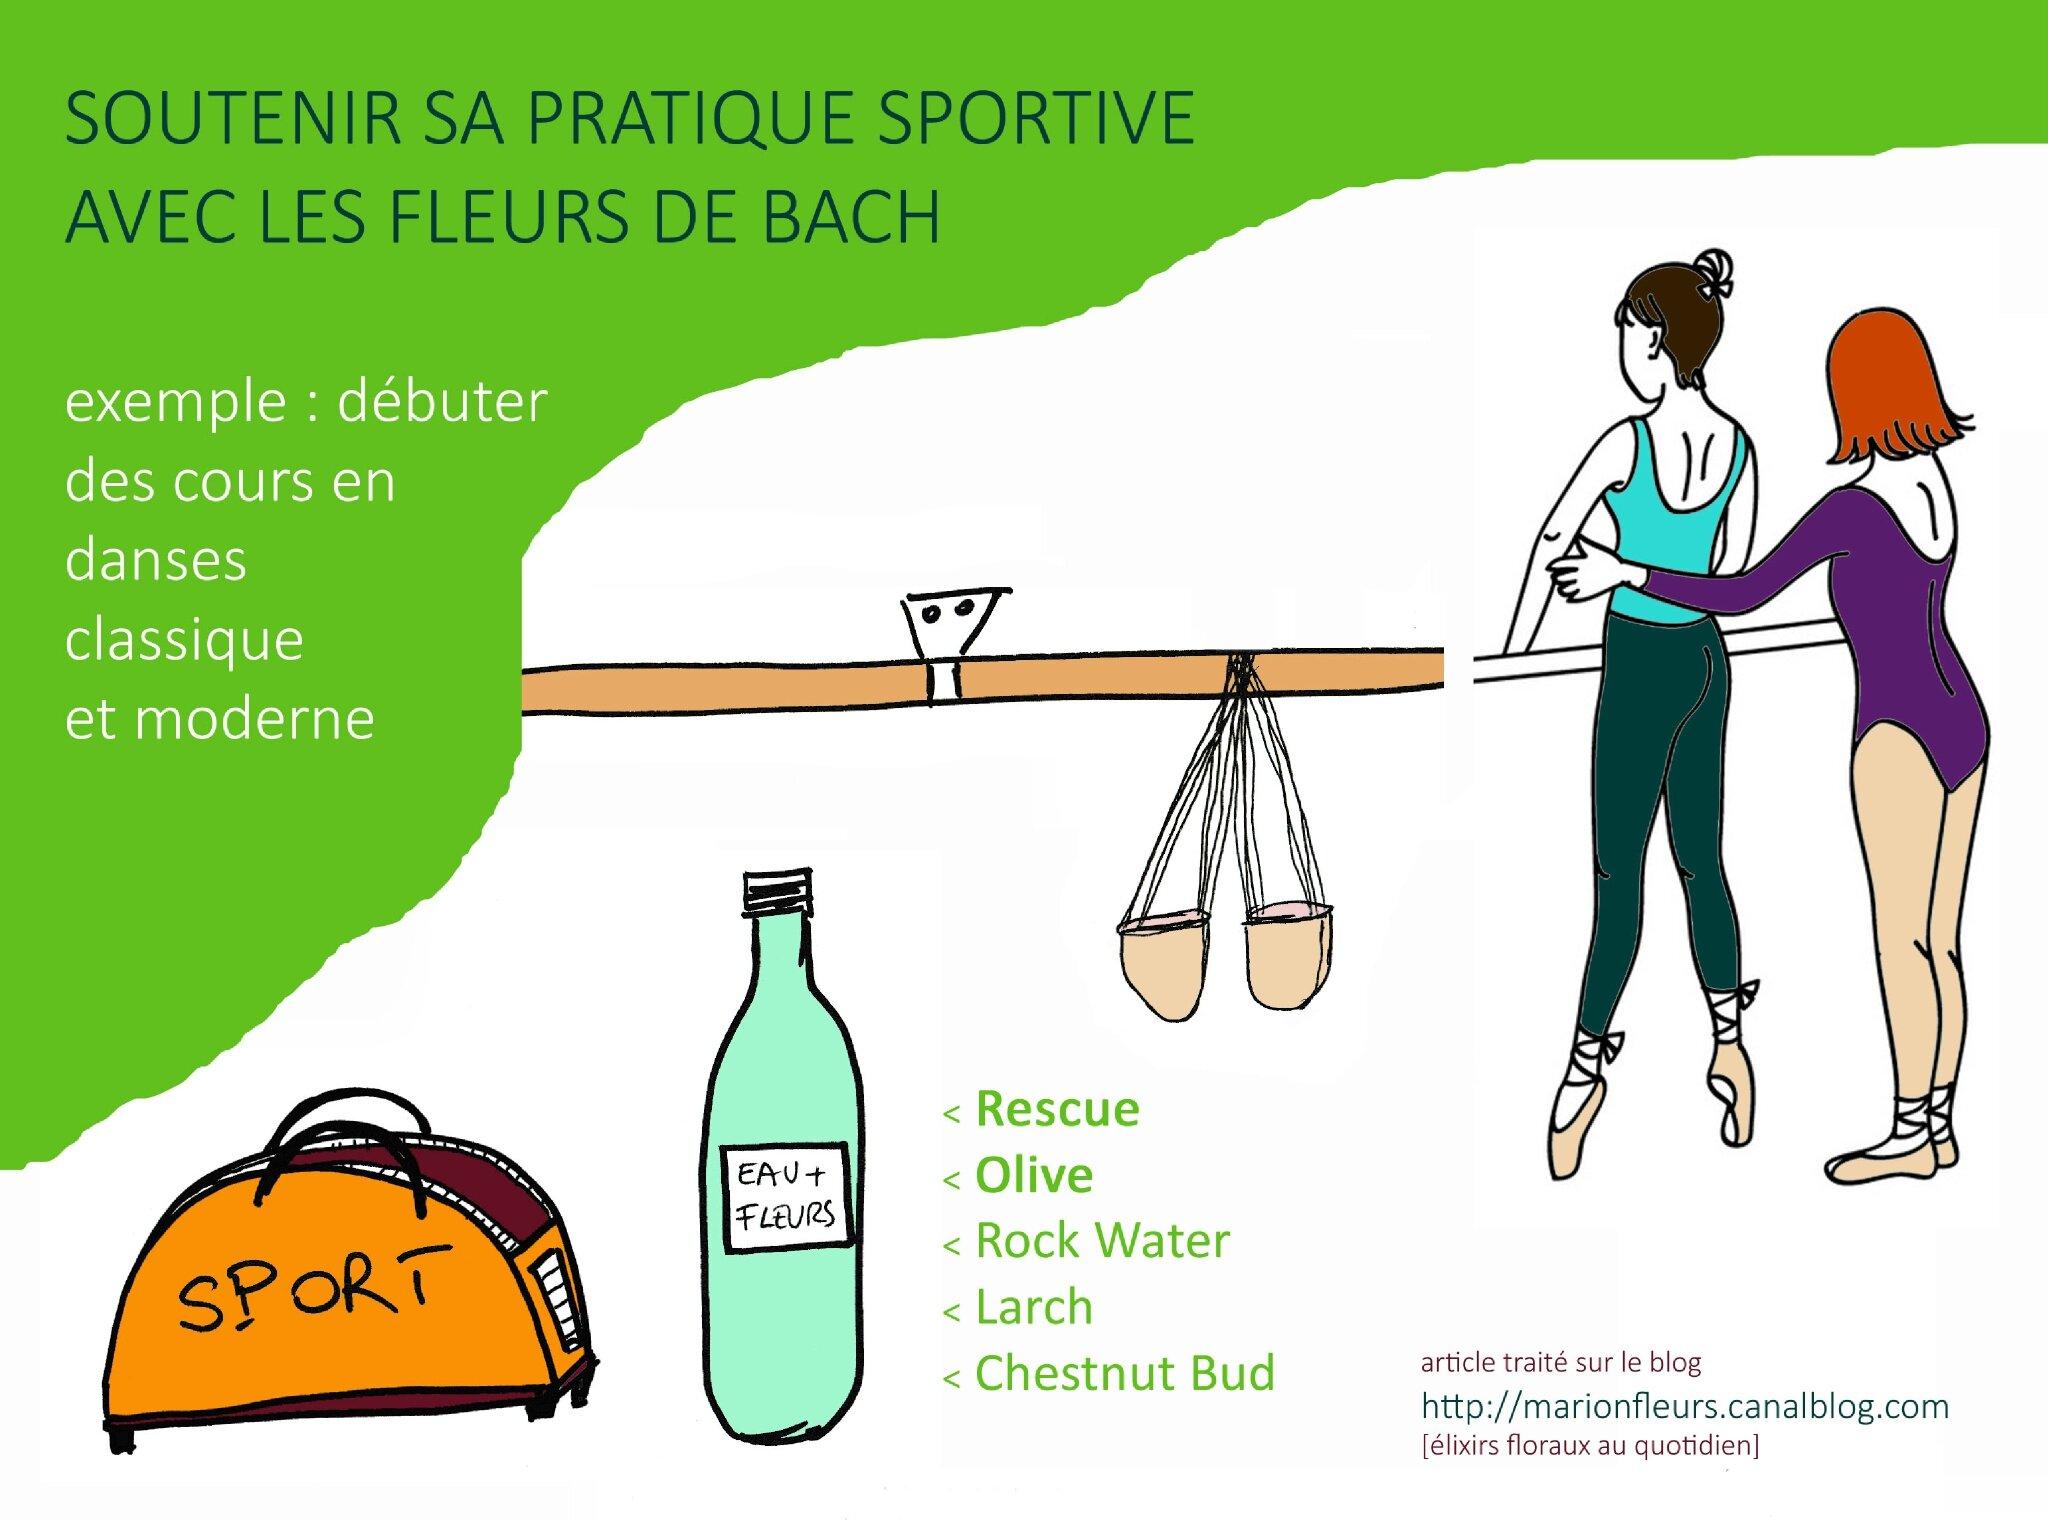 Soutenir sa pratique sportive avec les élixirs floraux / FDB : Rescue, Olive, Rock Water, Larch, Chestnut Bud